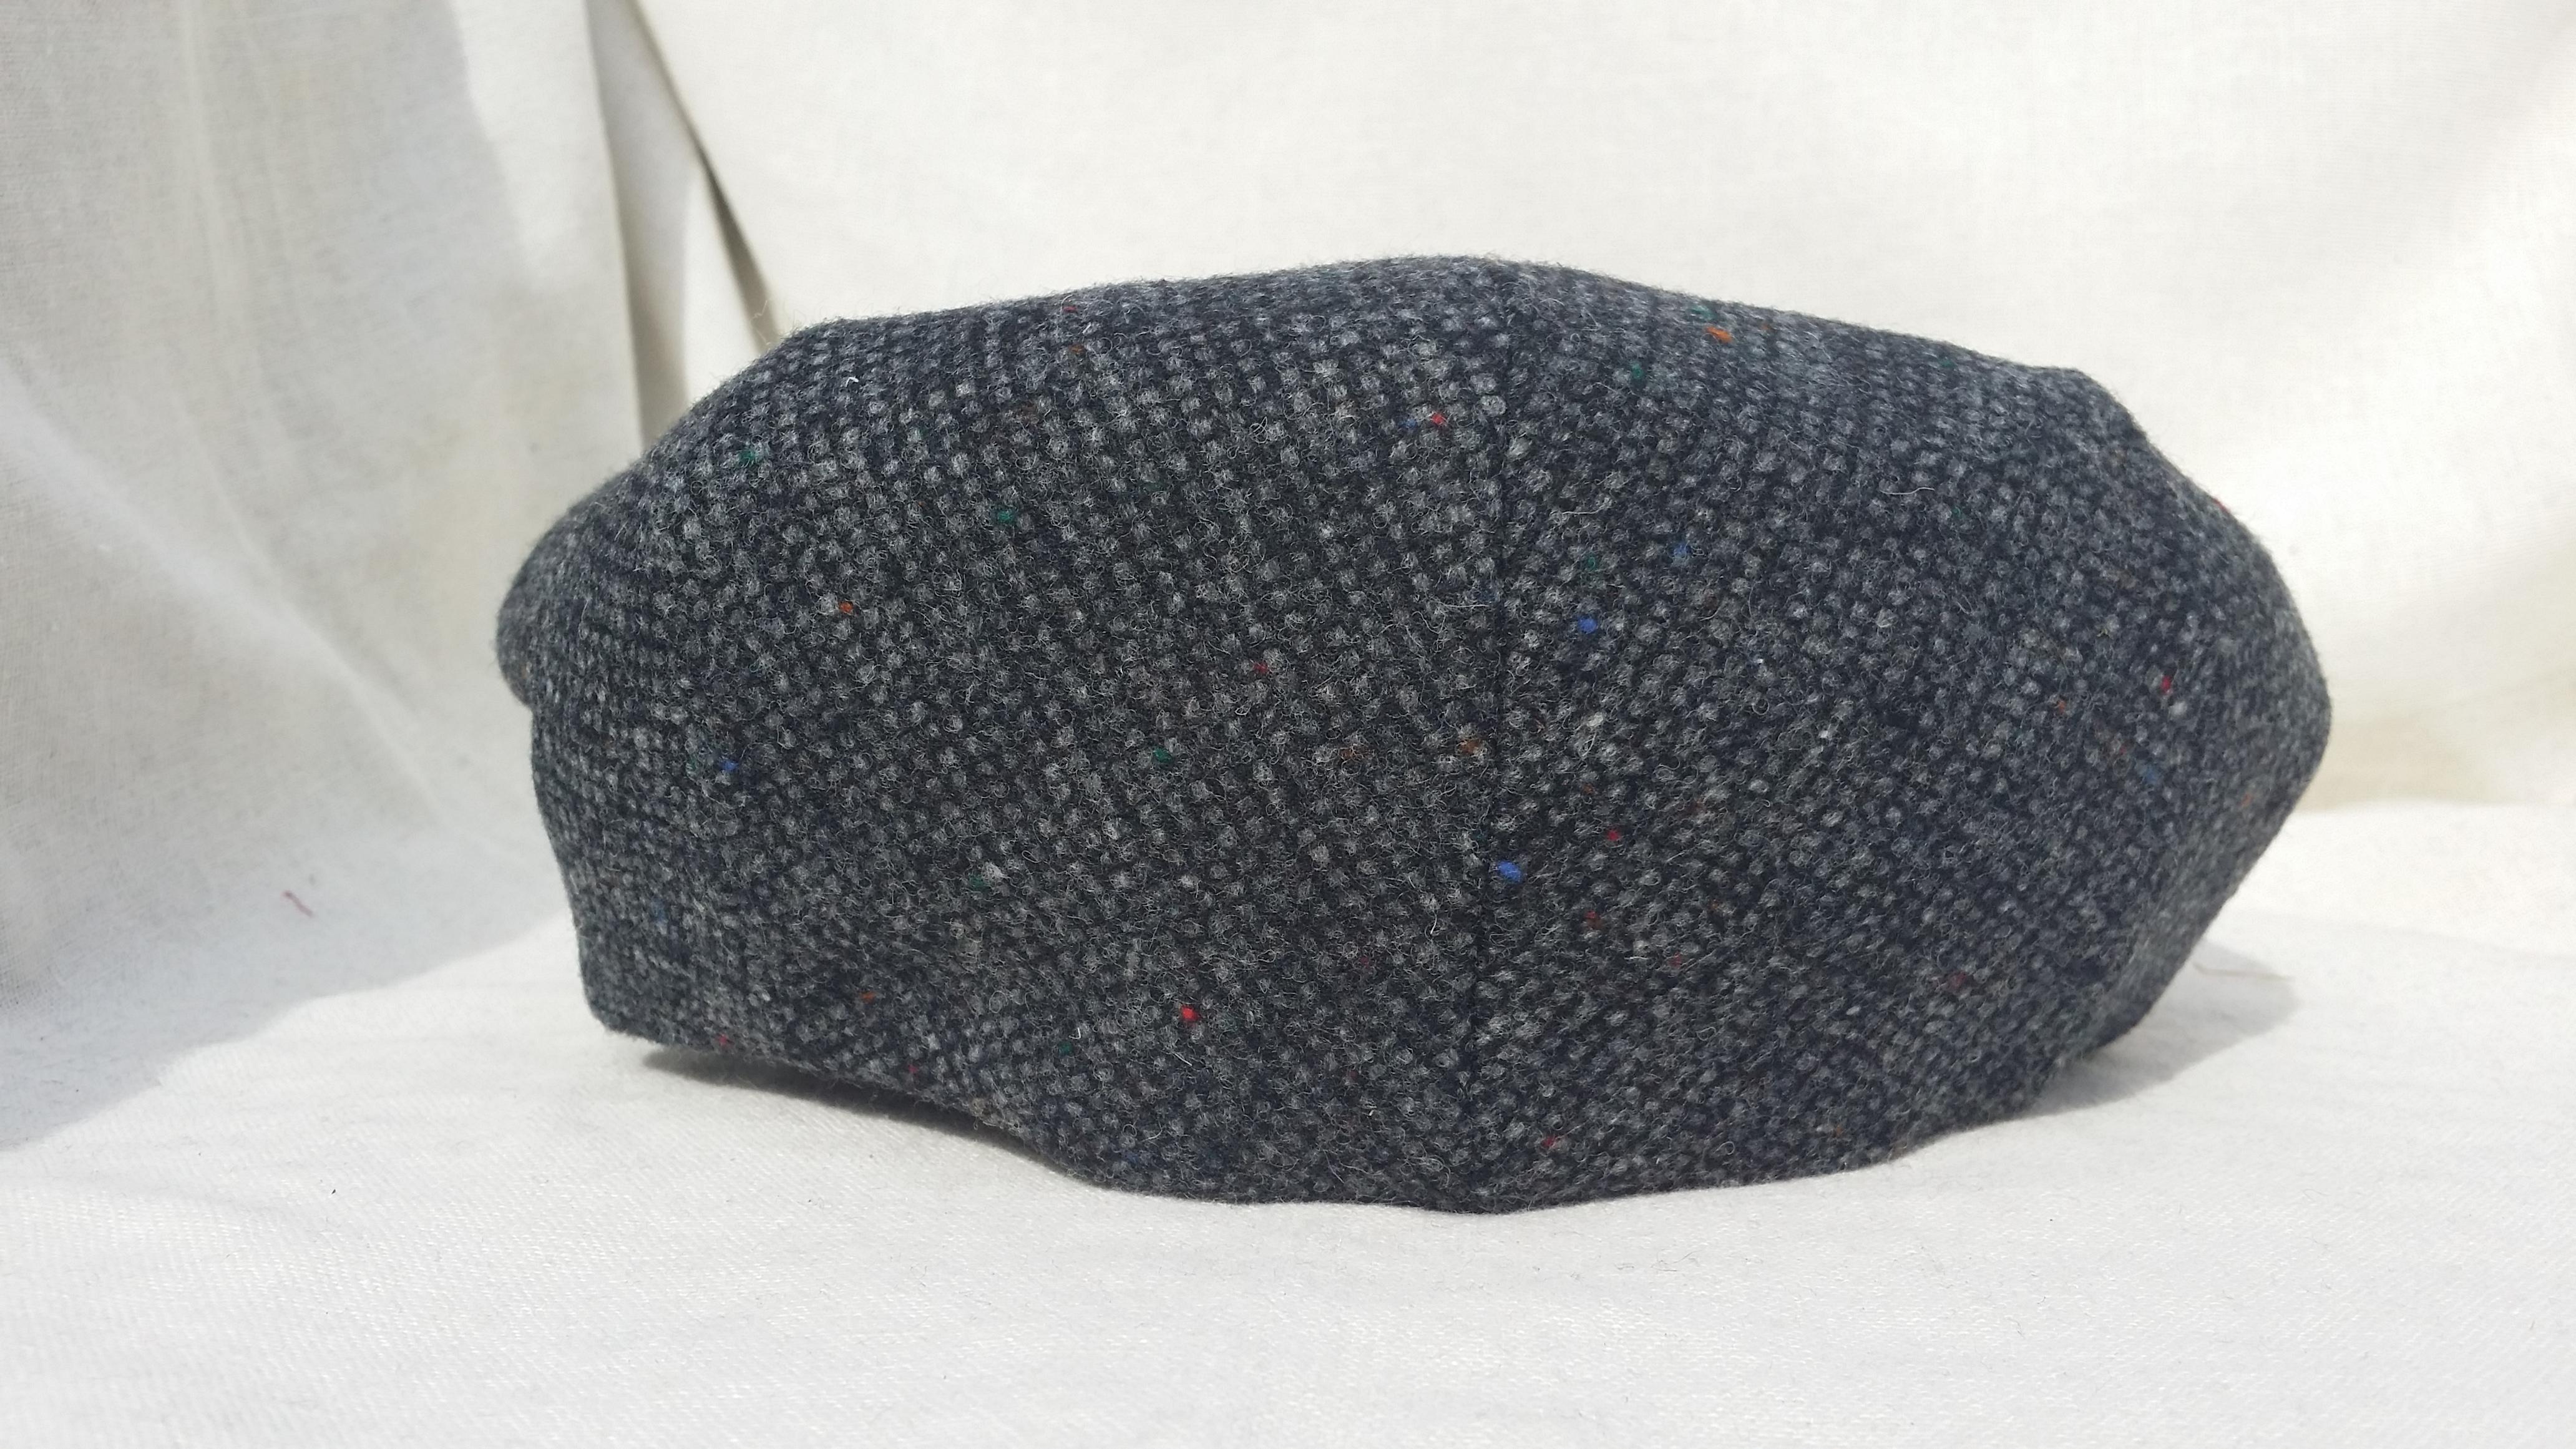 casquette plate en laine vierge cachemire et cuir de chez aurega. Black Bedroom Furniture Sets. Home Design Ideas